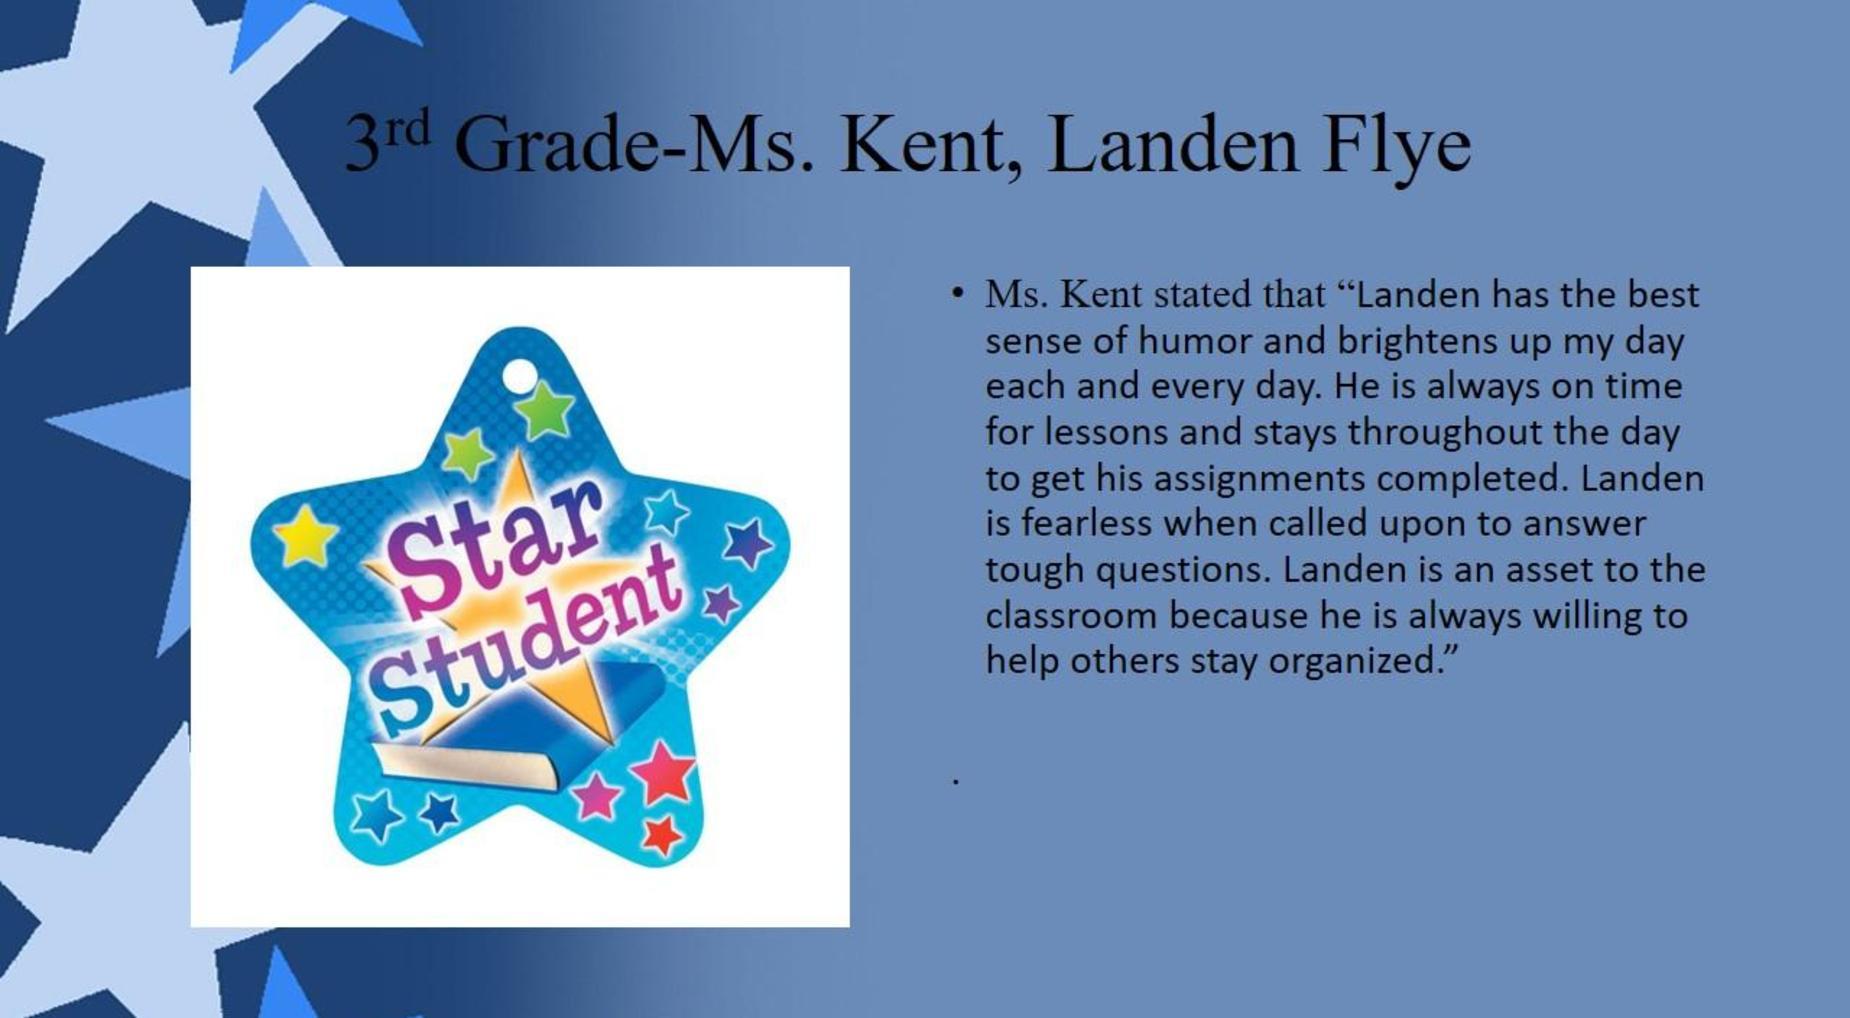 Landen Flye, 3rd Grade